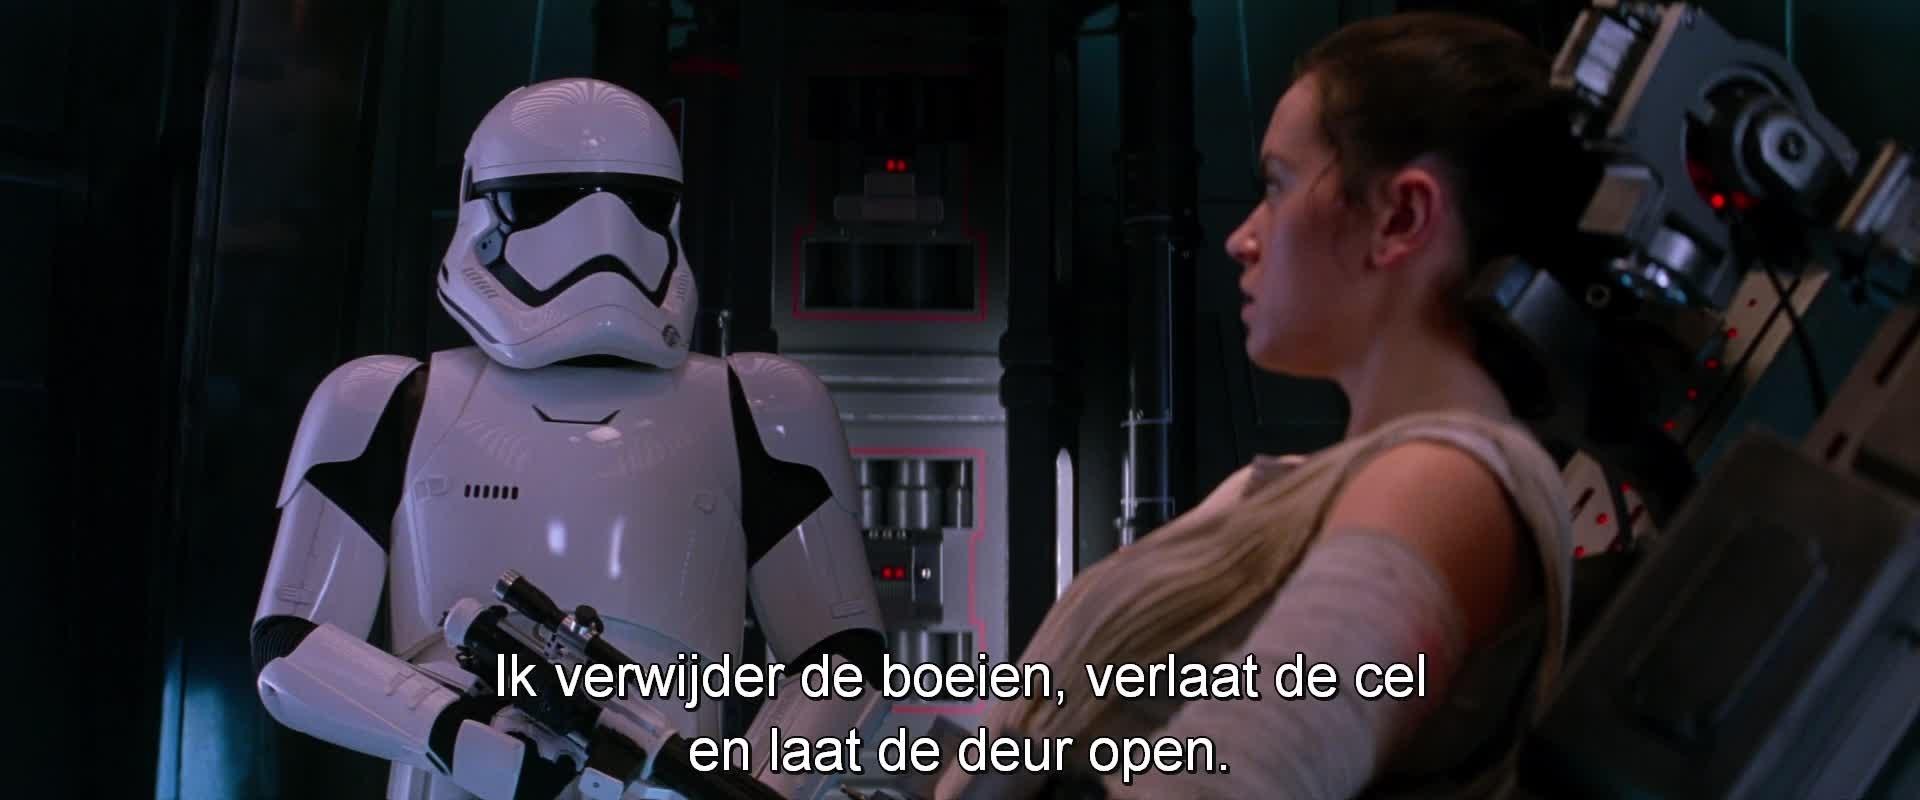 Star Wars: The Force Awakens - Jedi Mind Trick